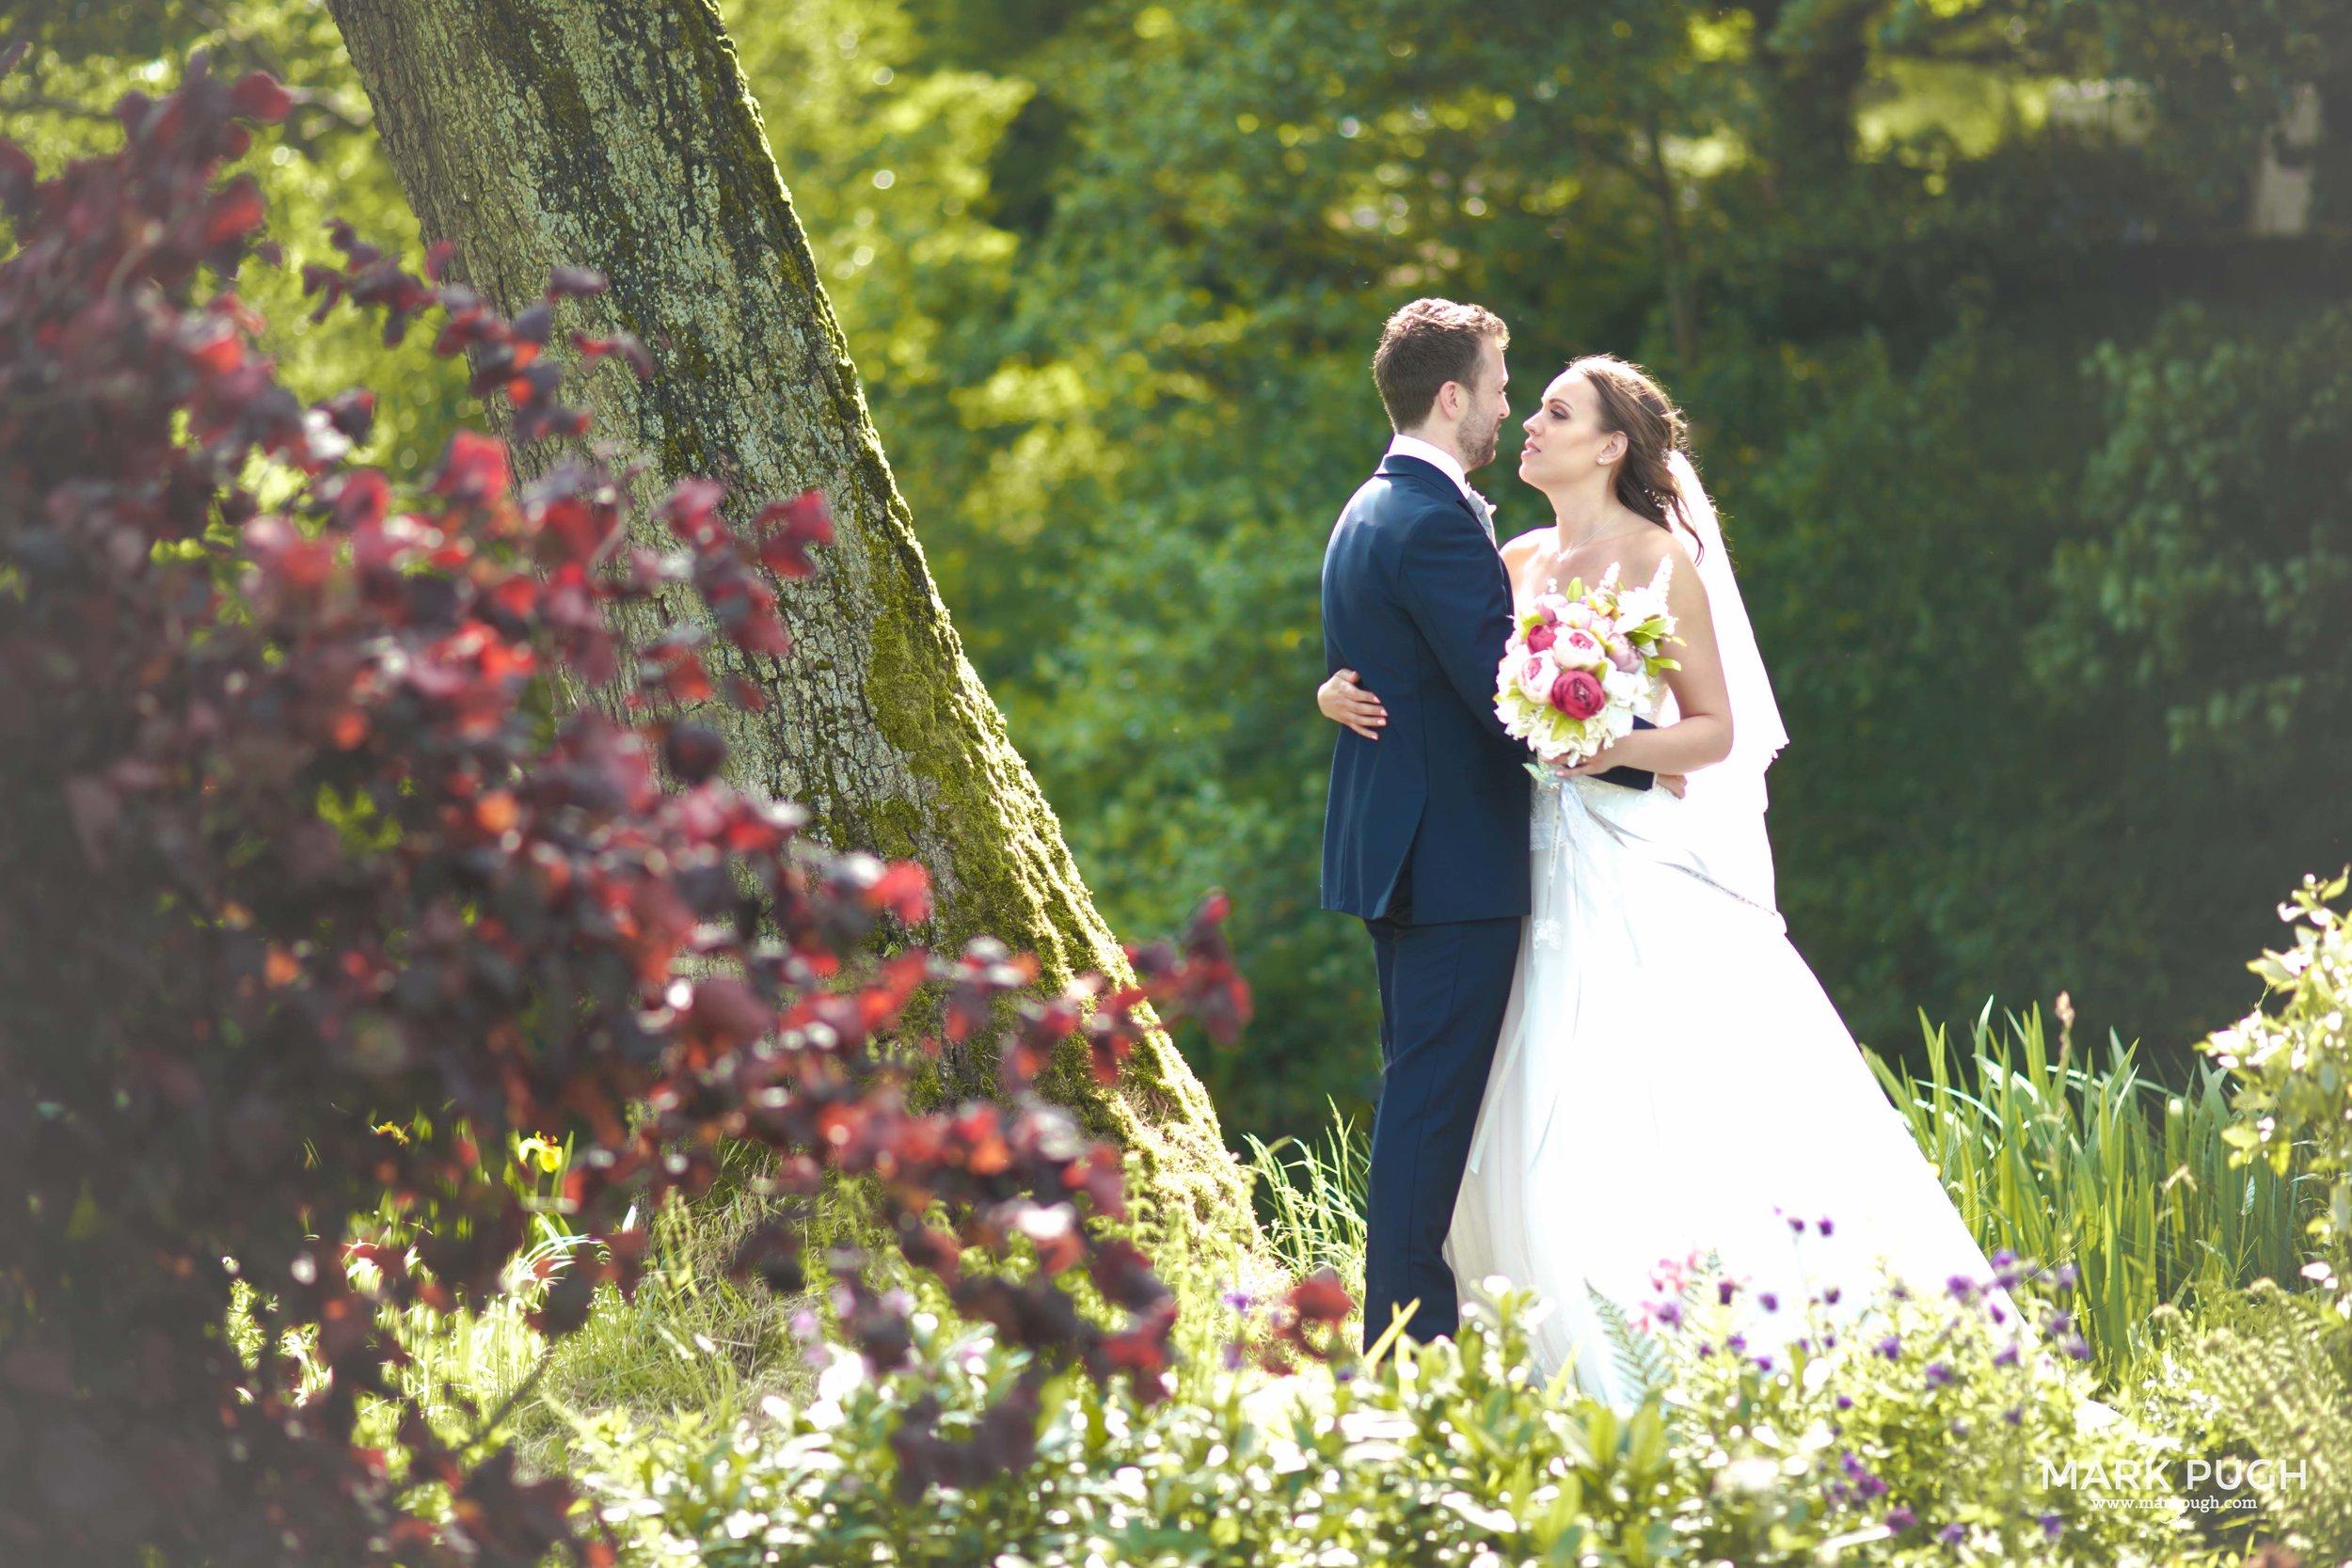 198 - fineART photography by www.markpugh.com Mark Pugh of www.mpmedia.co.uk_.JPG